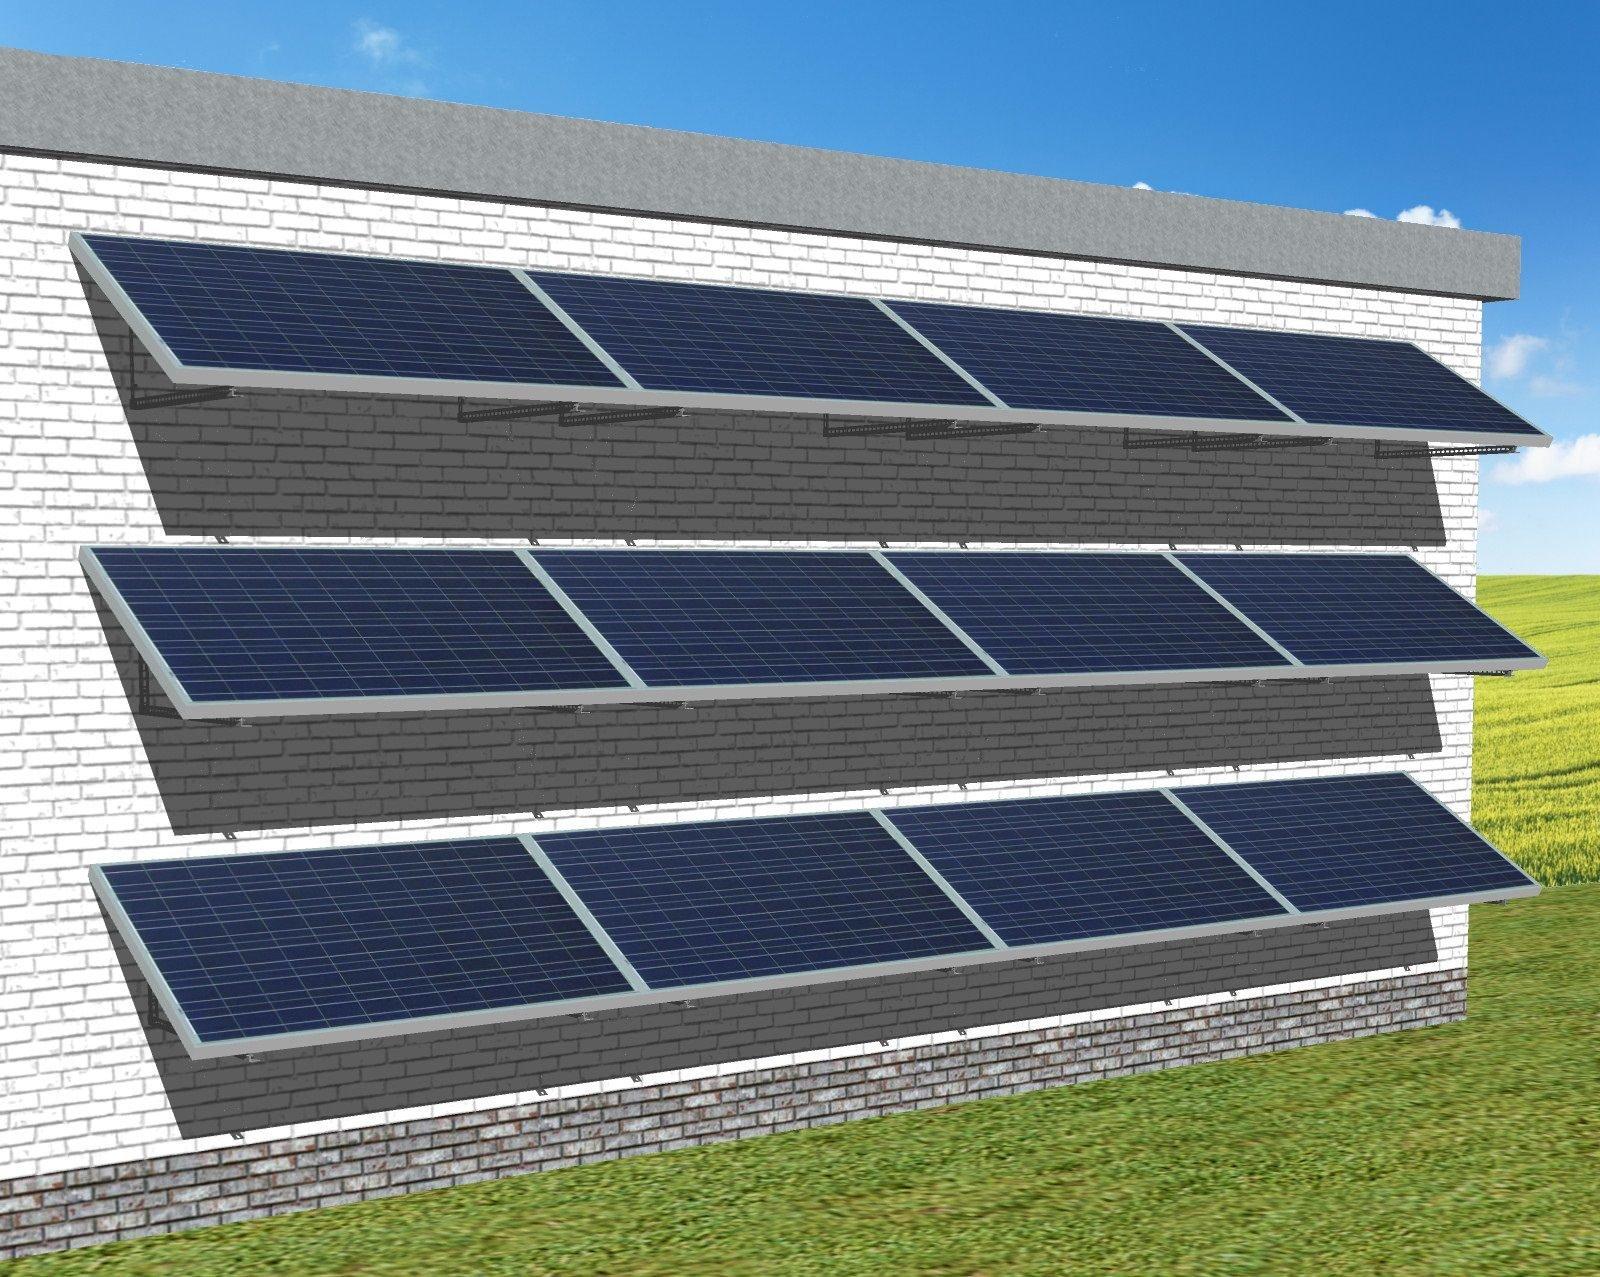 myCleantechSolarPower™ Solaranalage Fassade oder Carport mit 12 Pannels - Musterbild